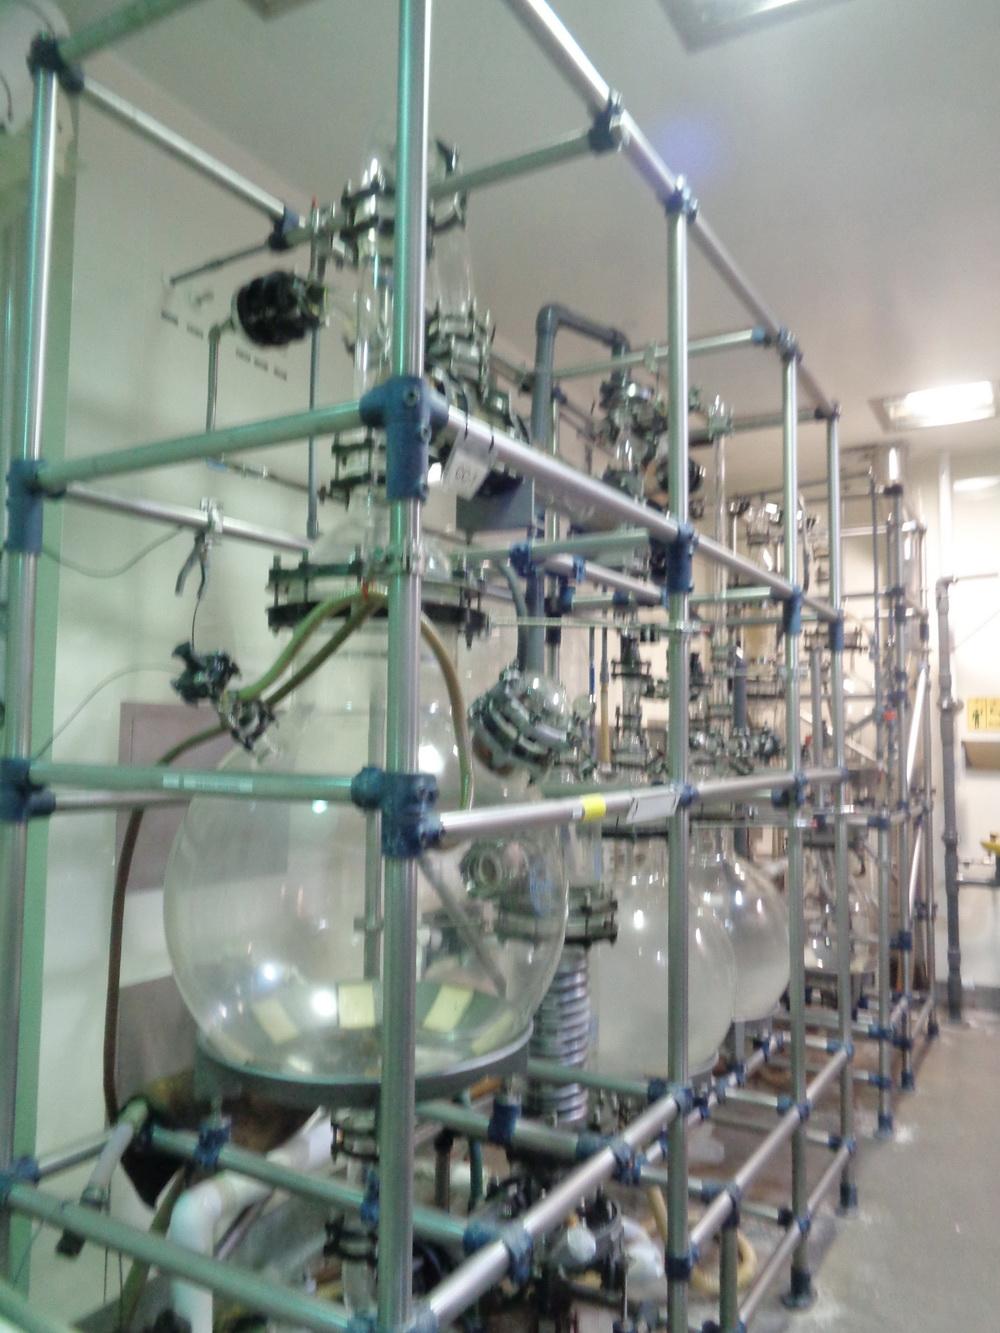 200 LIter Dedietrich Circulation Evaporator